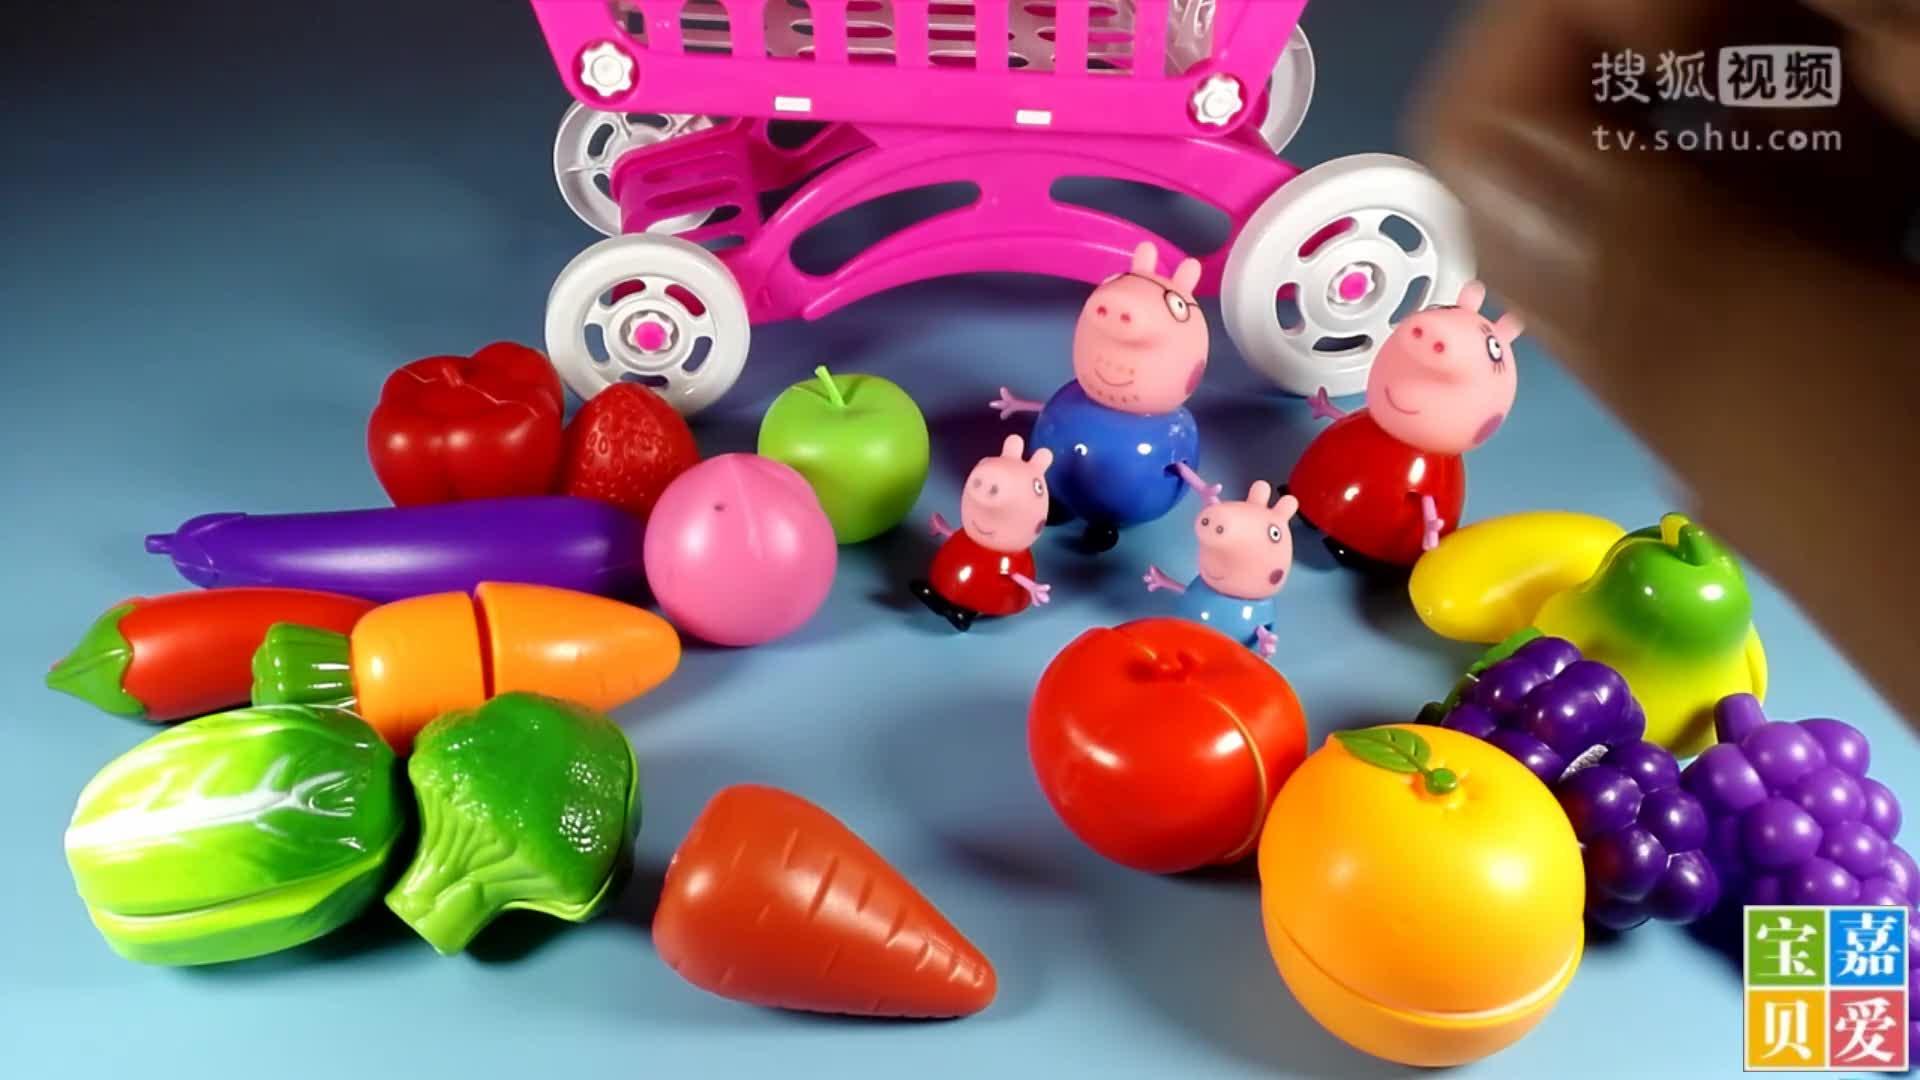 粉红猪小妹购物小猪佩奇认识蔬菜水果和颜色图片